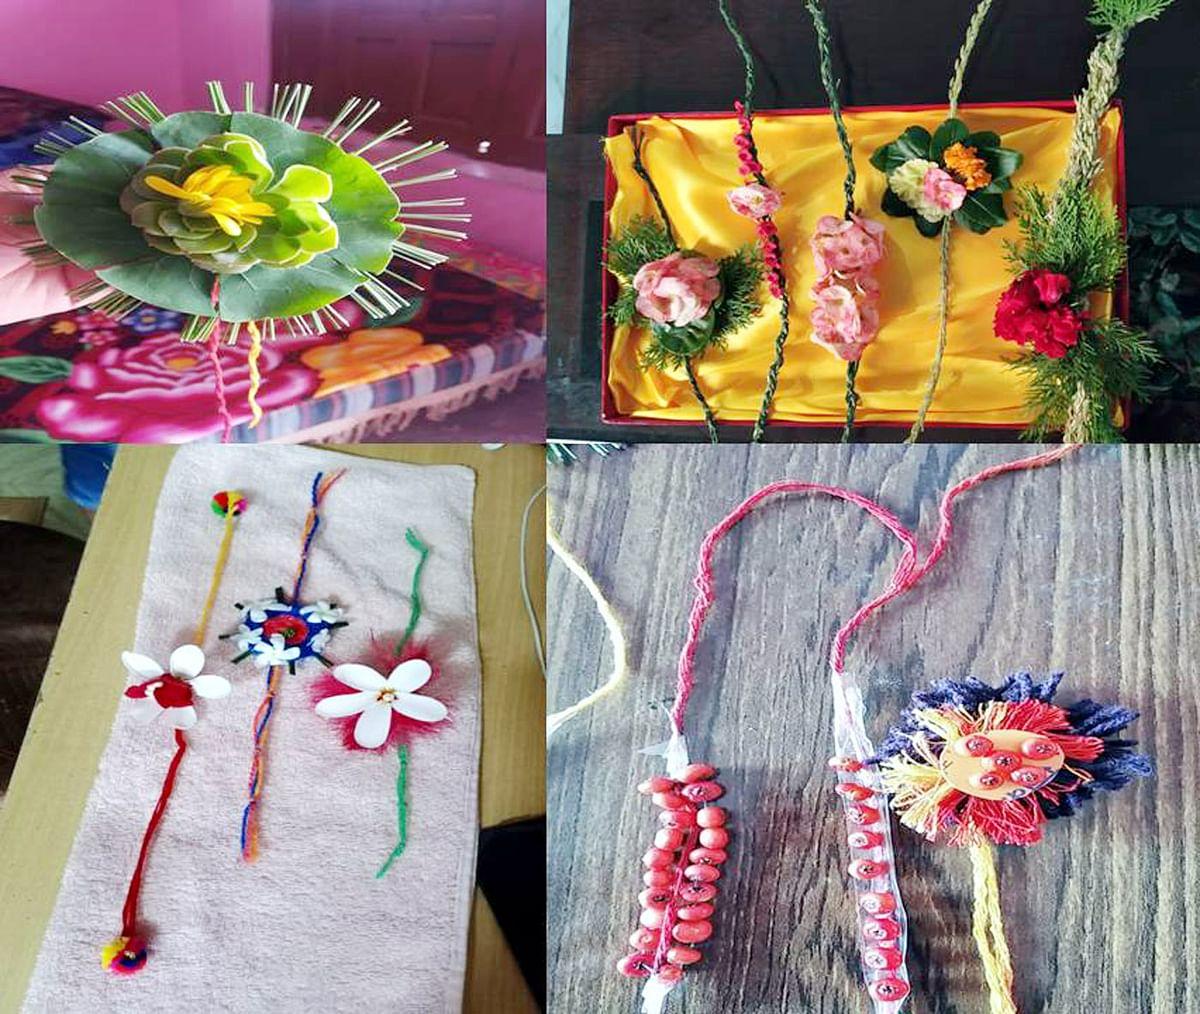 बच्चों ने जंगली फल-फूलों व घासों से बनाईं 'जैविक राशियां'